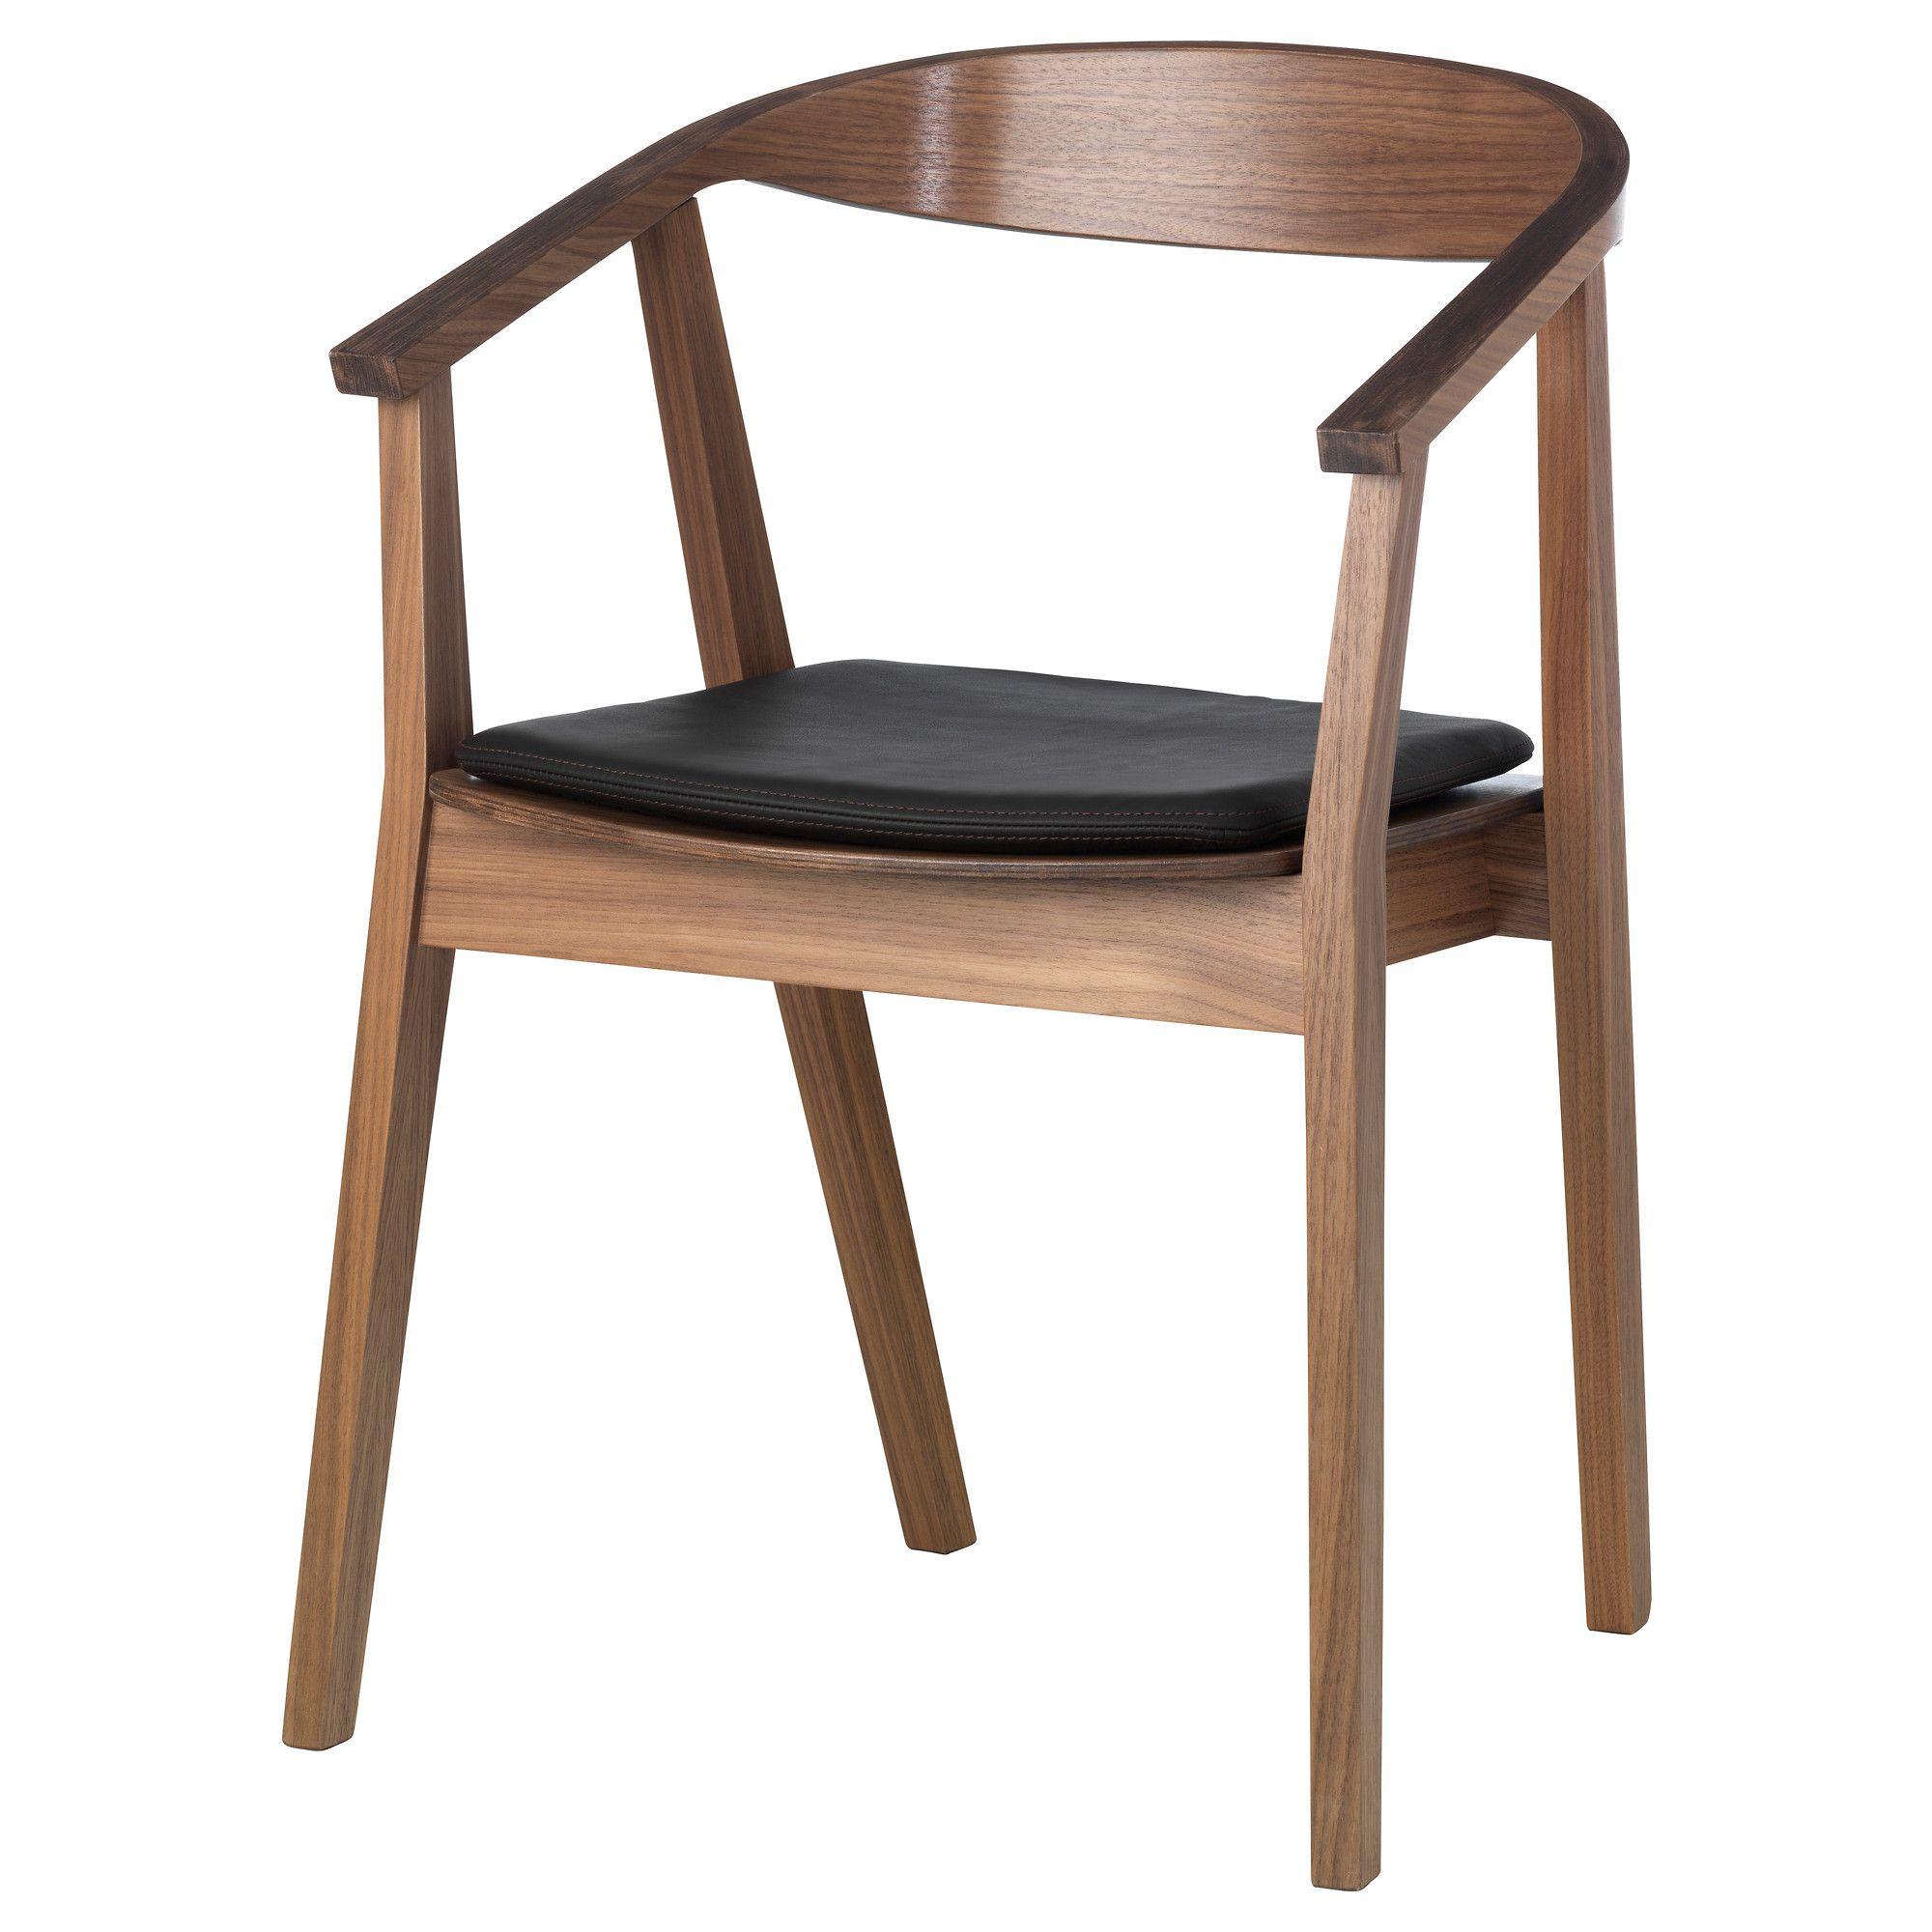 STOCKHOLM Chair with chair pad walnut veneer/dark brown